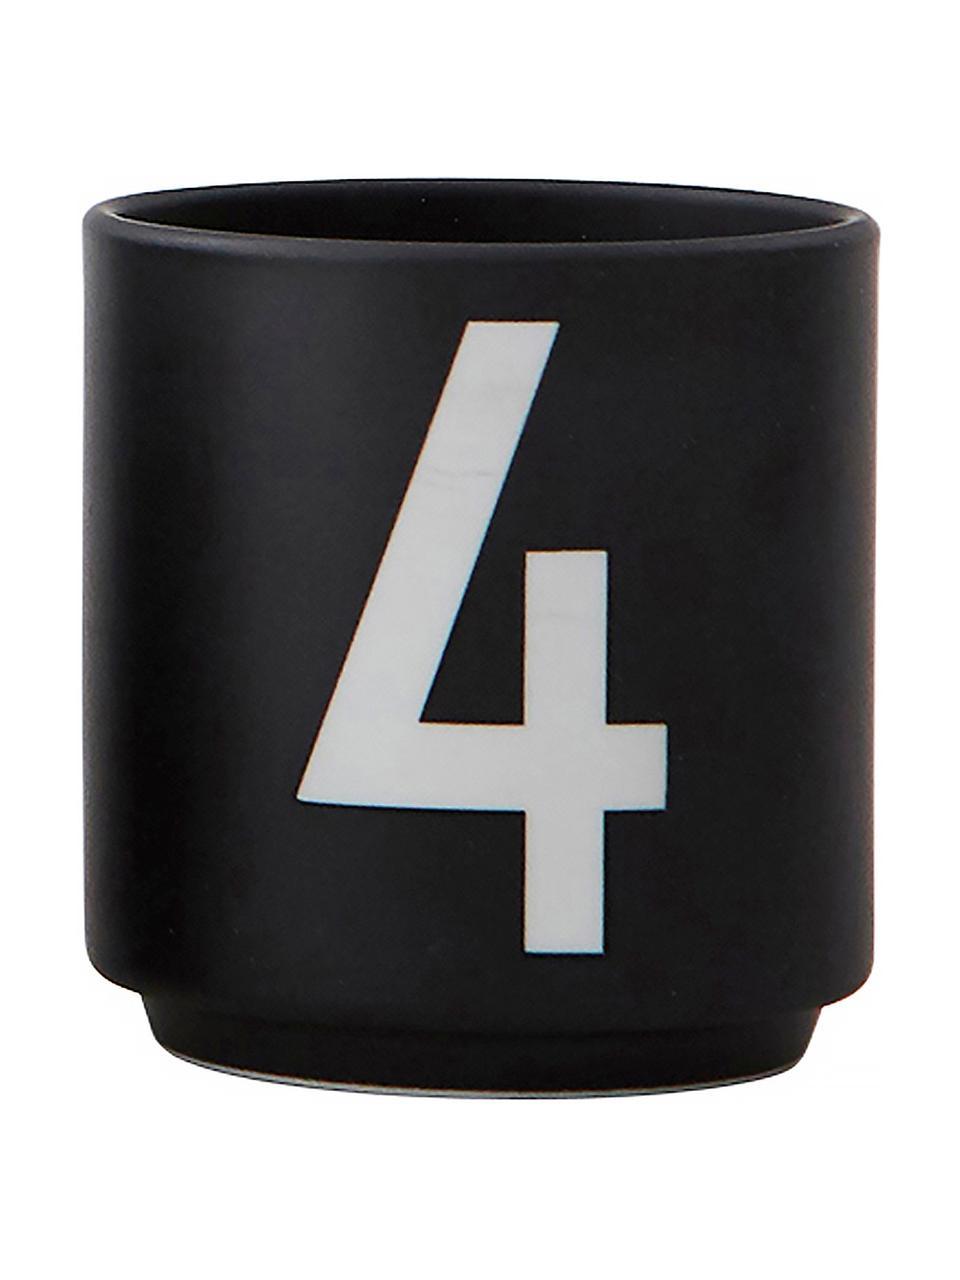 Design Espressobecher 1234 mit Zahlen, 4er-Set, Fine Bone China (Porzellan) Fine Bone China ist ein Weichporzellan, das sich besonders durch seinen strahlenden, durchscheinenden Glanz auszeichnet., Schwarz, Weiß, Ø 5 x H 6 cm